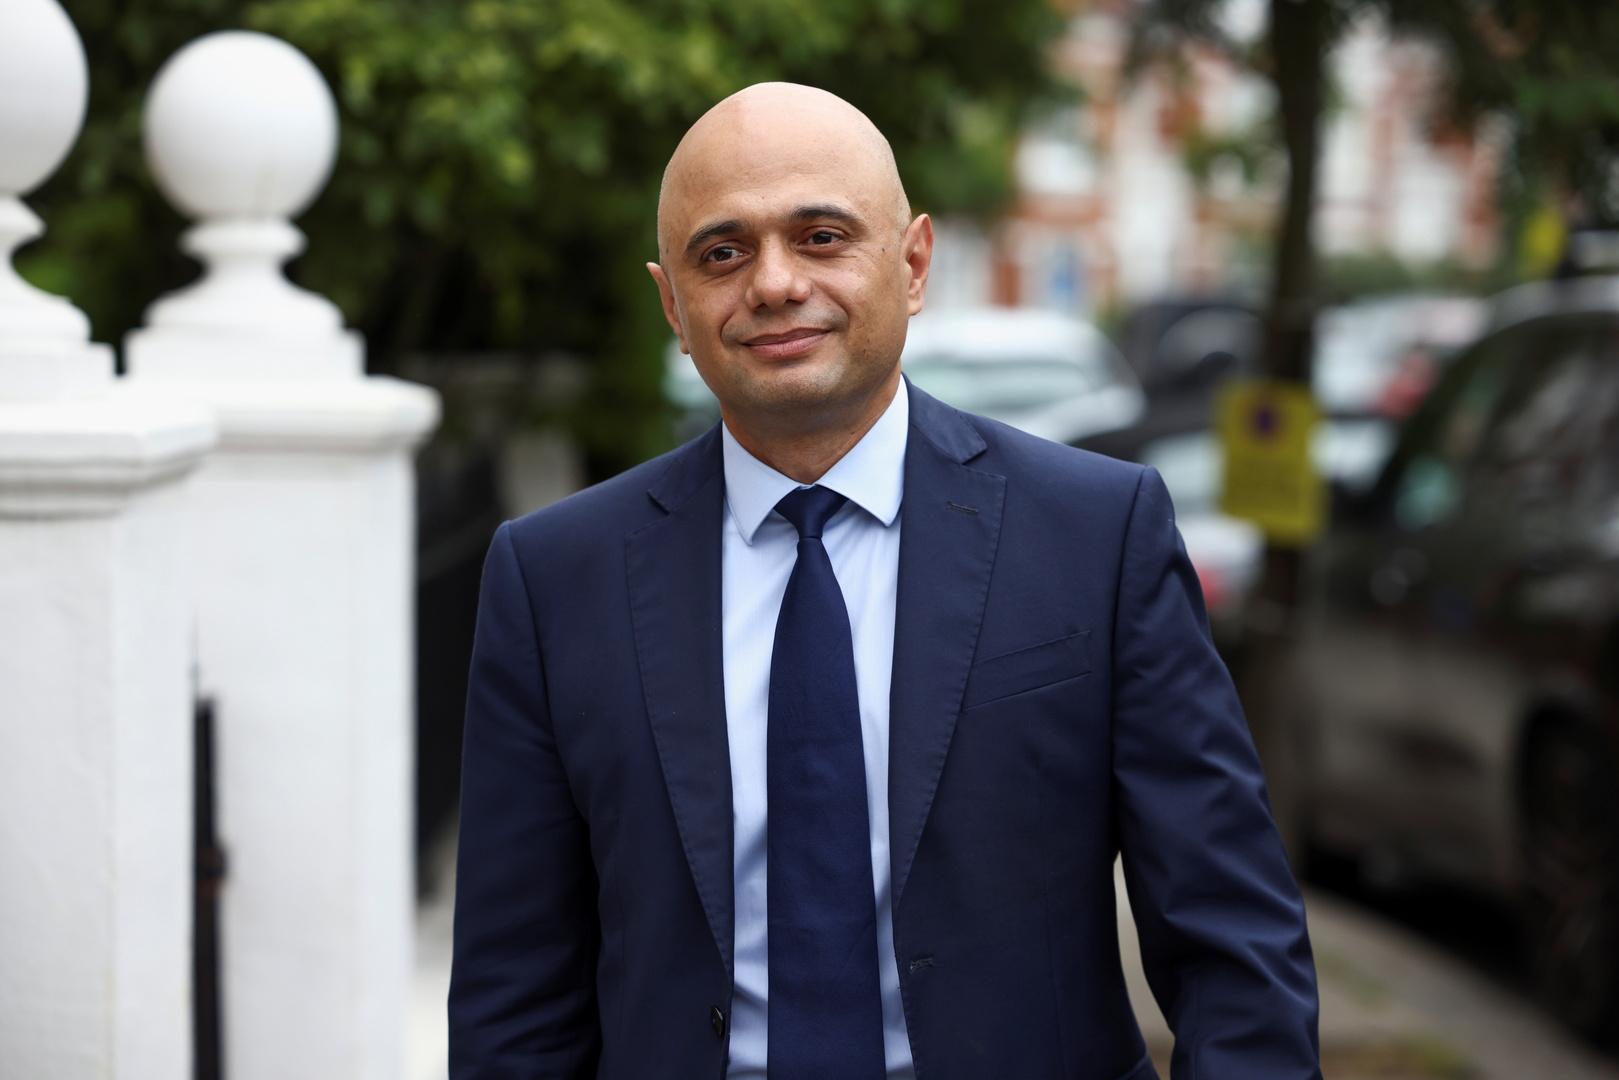 وزير الصحة البريطاني الجديد: لا عودة إلى الوراء فيما يتعلق برفع القيود